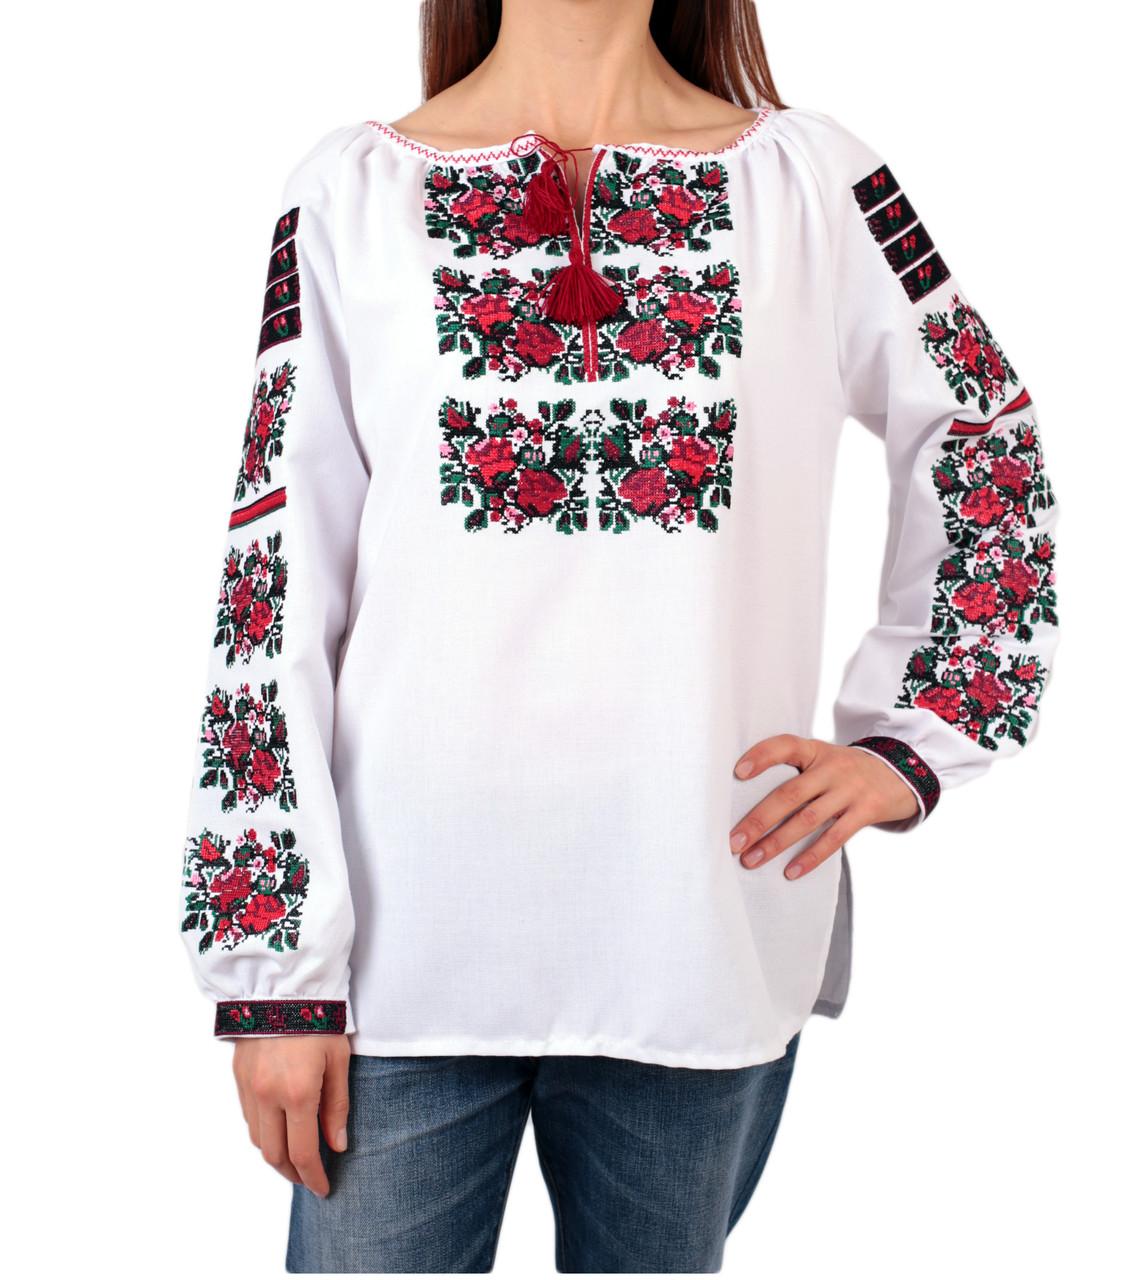 Жіноча вишиванка з машинною вишивкою недорого - Інтернет-магазин вишиванок  для всієї сім ї 5c51d0948bc61